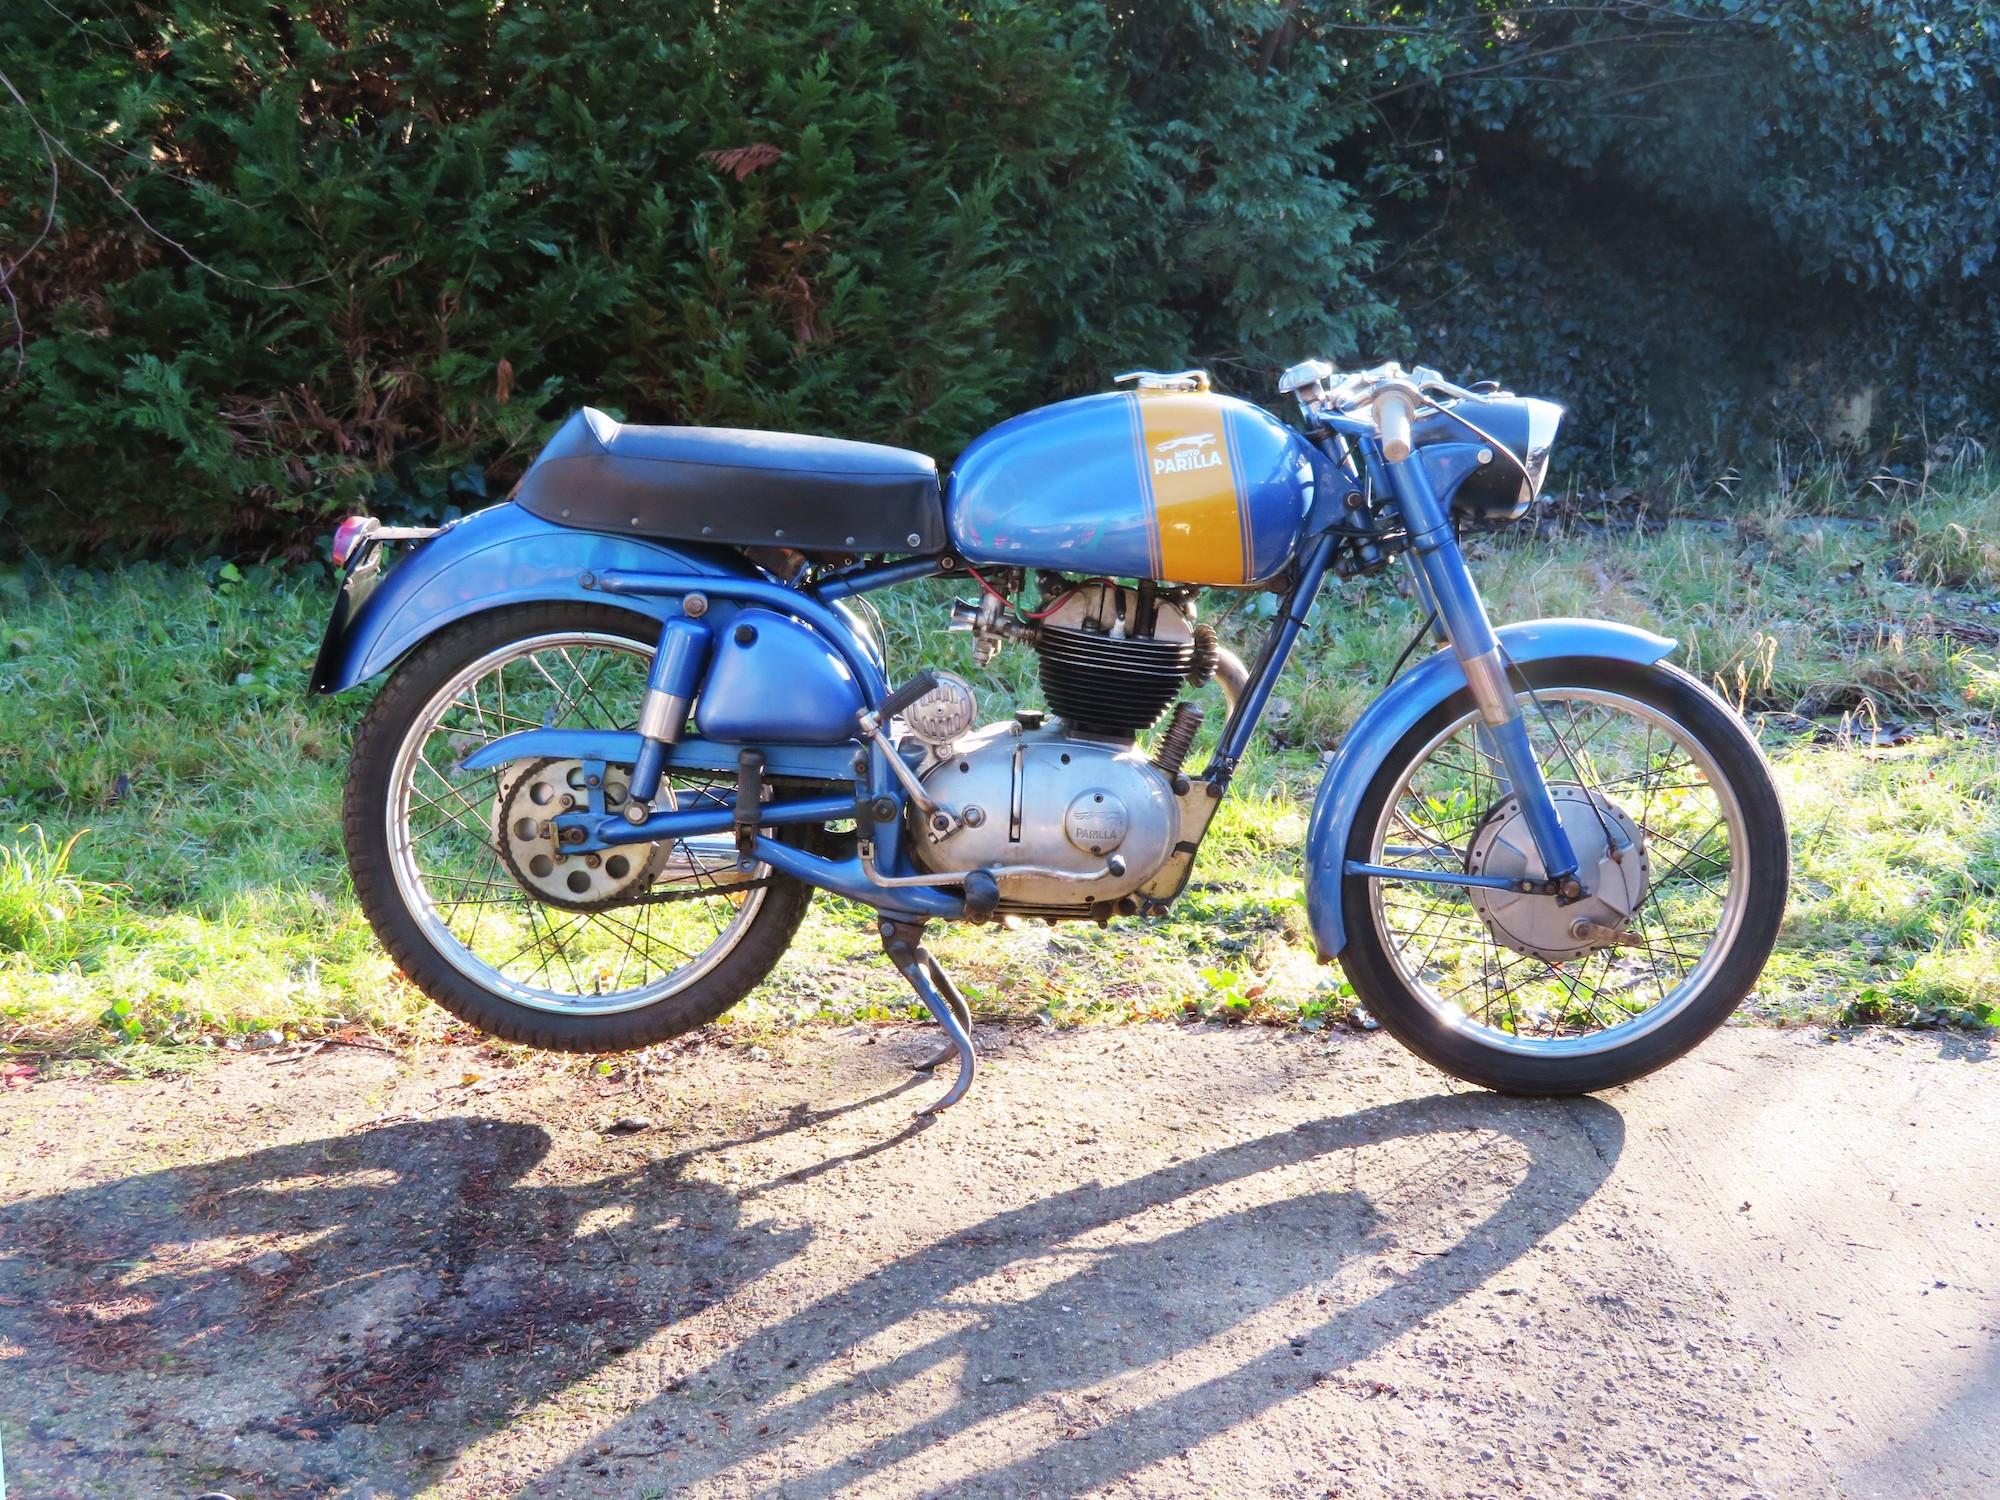 1958 Parilla thể thao 175cc